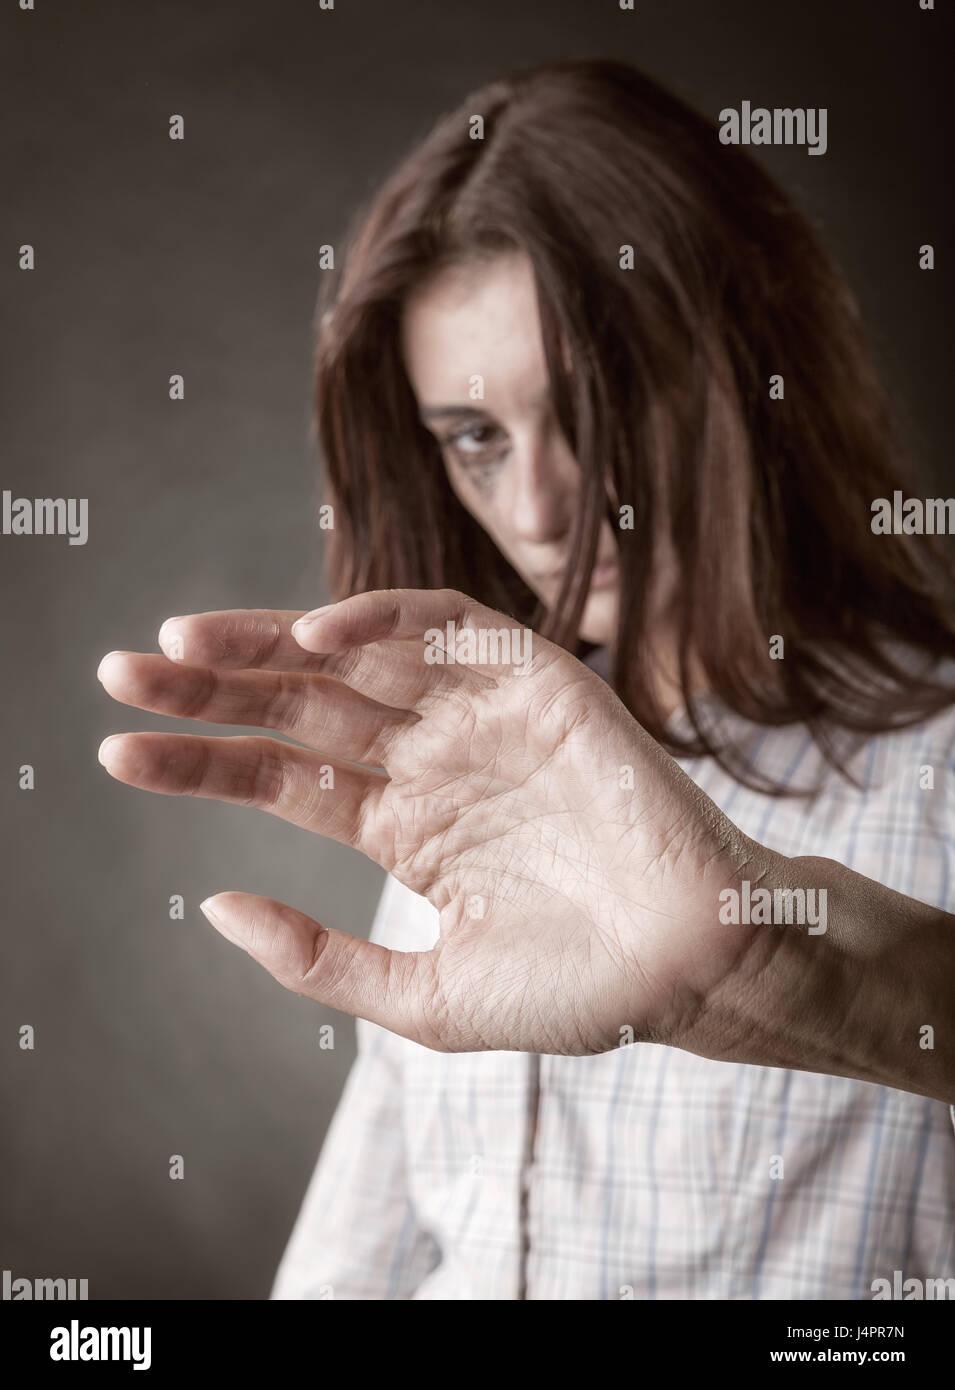 Bella donna vittima di violenza domestica e abusi. La messa a fuoco a portata di mano Immagini Stock